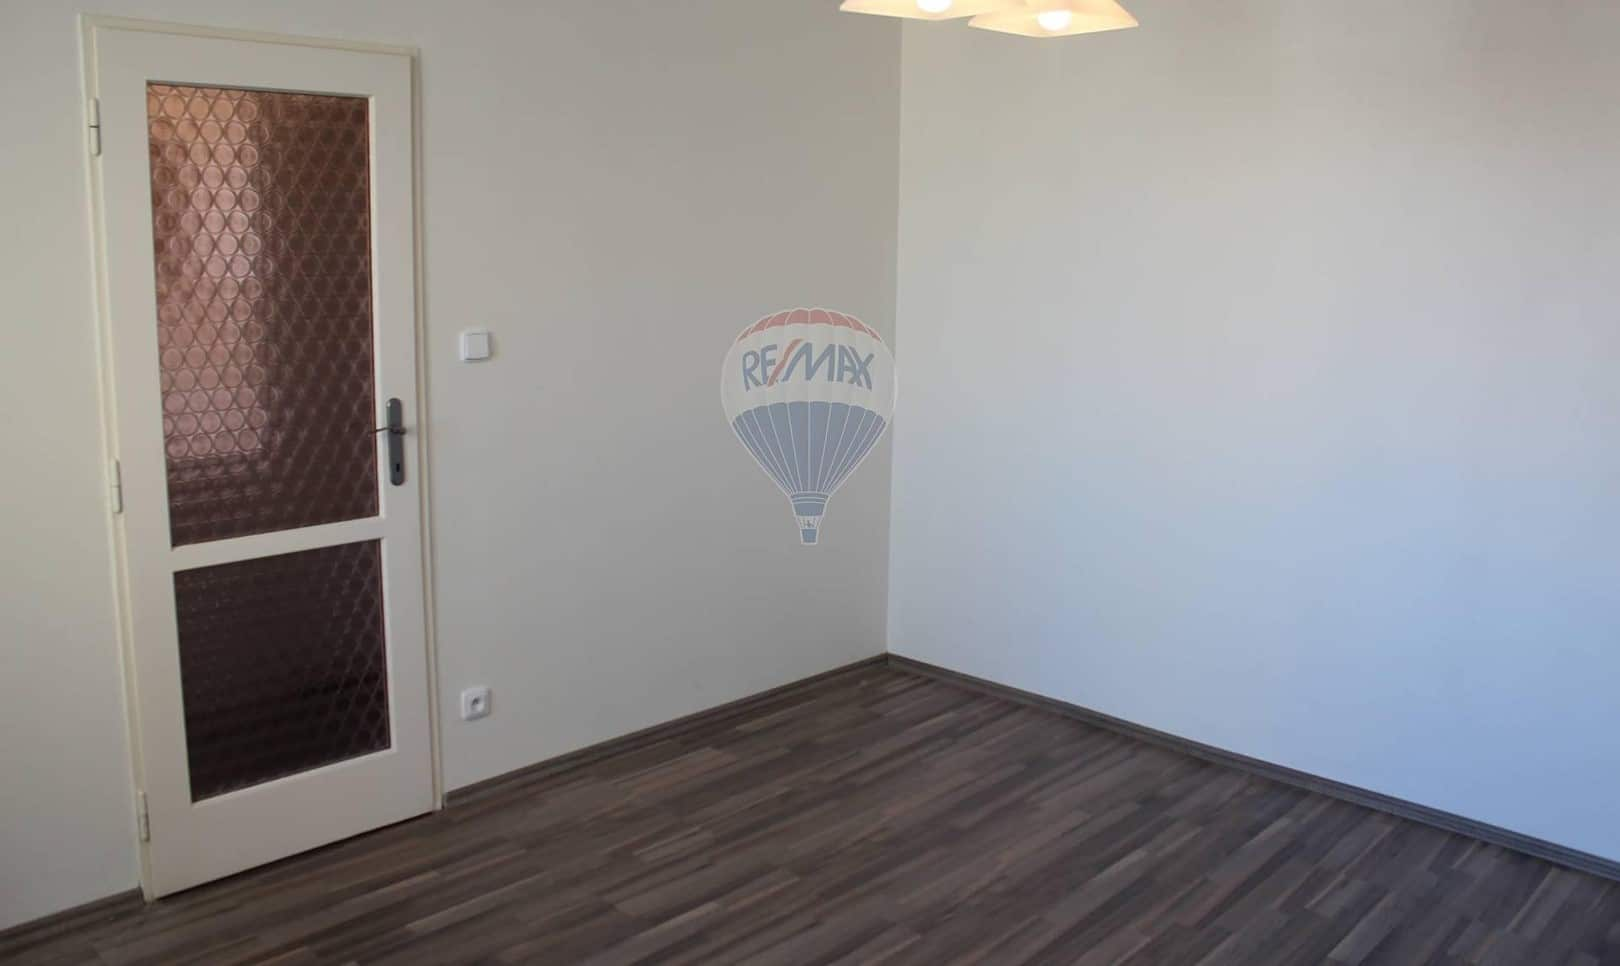 למכירה דירת 2+1 בשטח של 52 מר בפראג 9 (11)